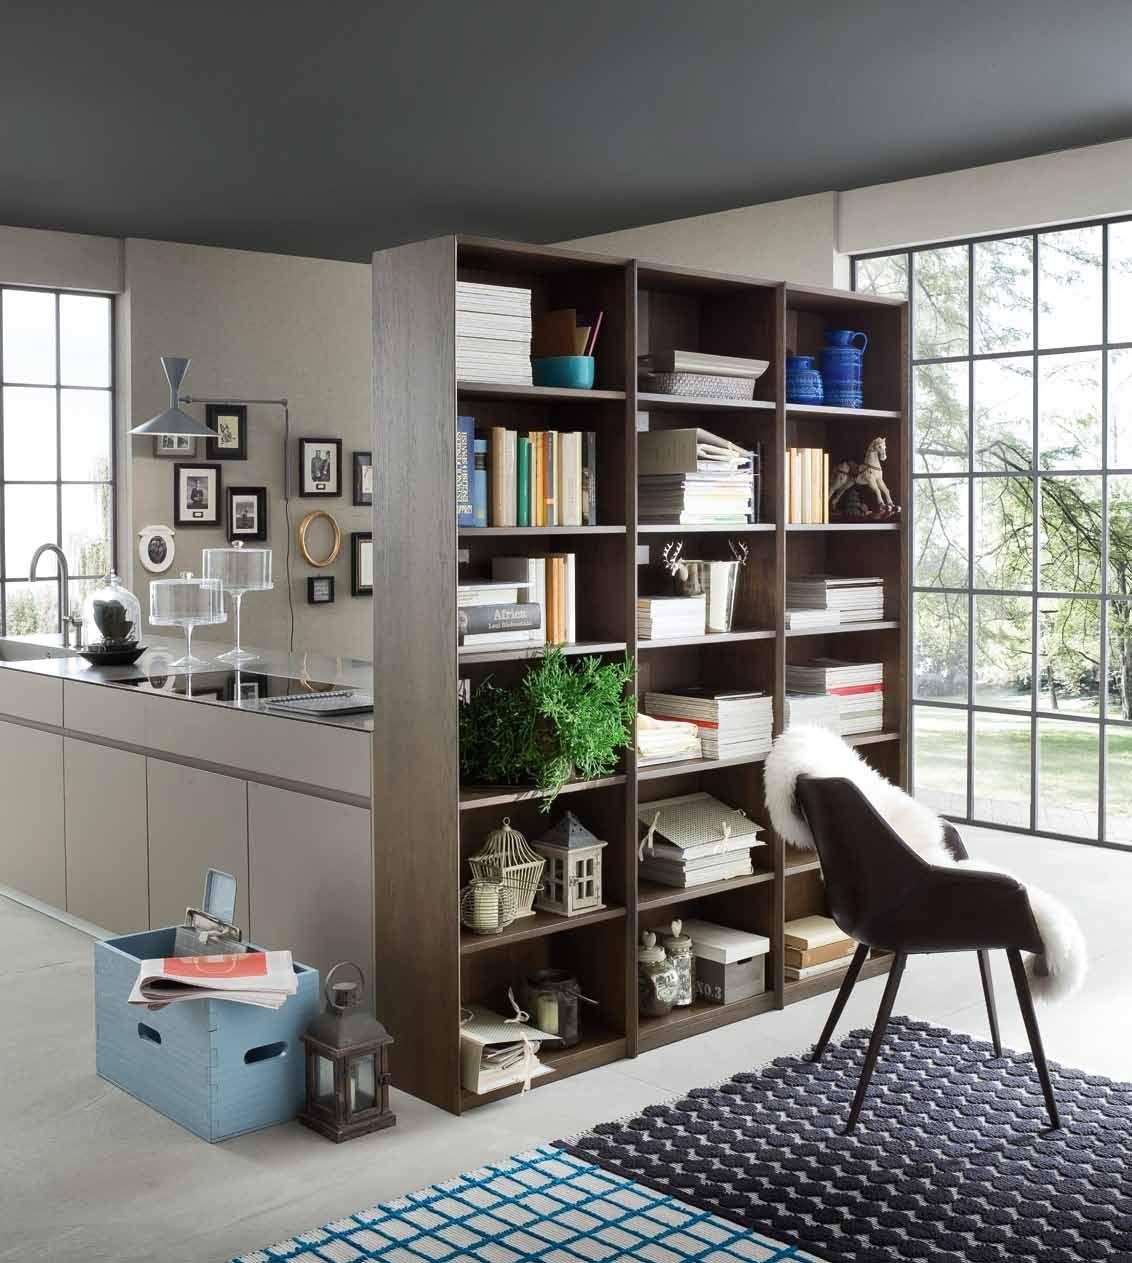 Una libreria per dividere lo spazio cucina dal living un 39 idea originale e di stile cosa ne - Libreria per cucina ...